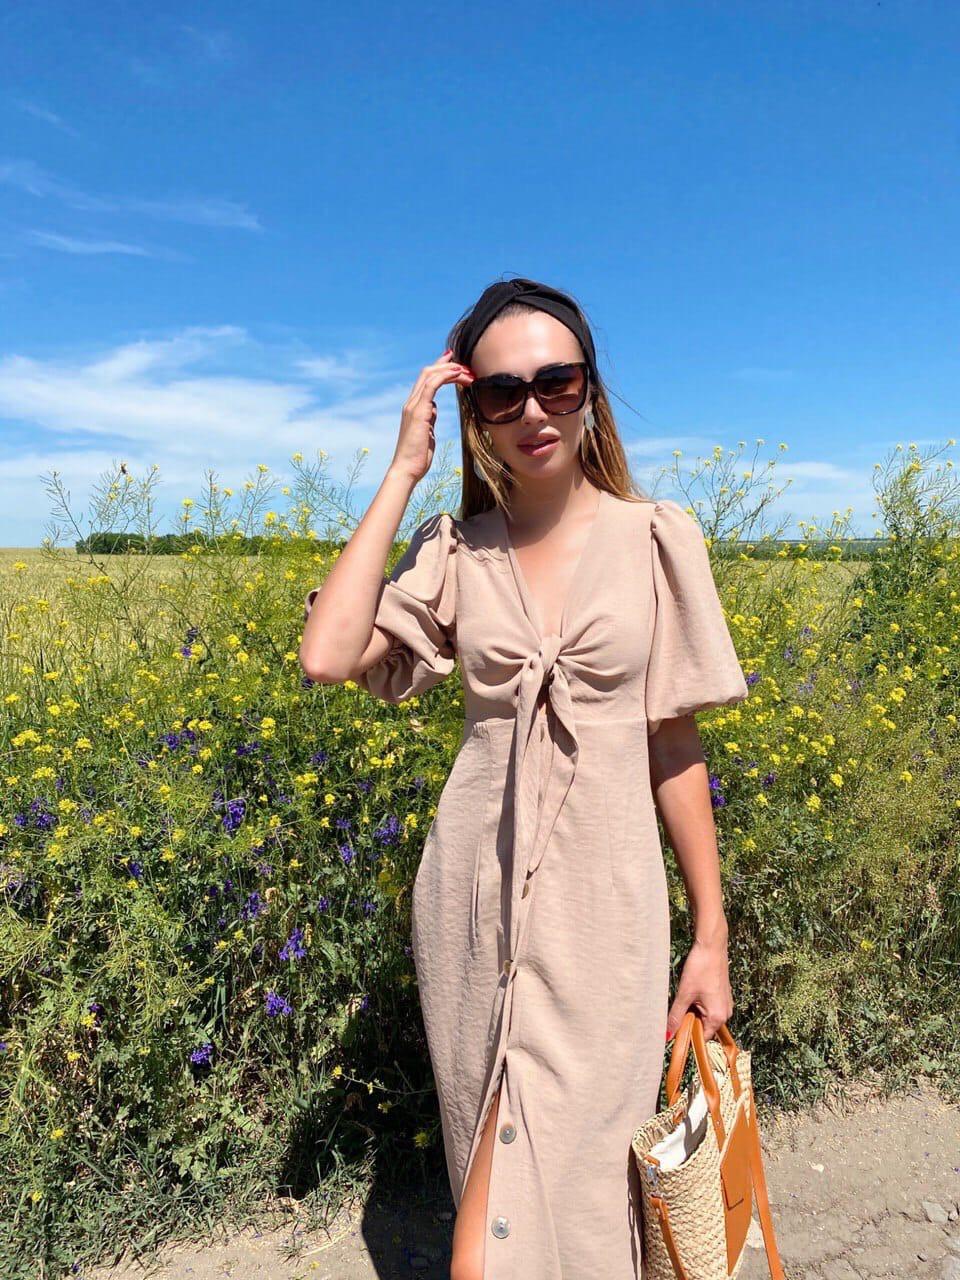 Лляне плаття літнє із зав'язкою на грудях і рукавом-ліхтариком 36031484